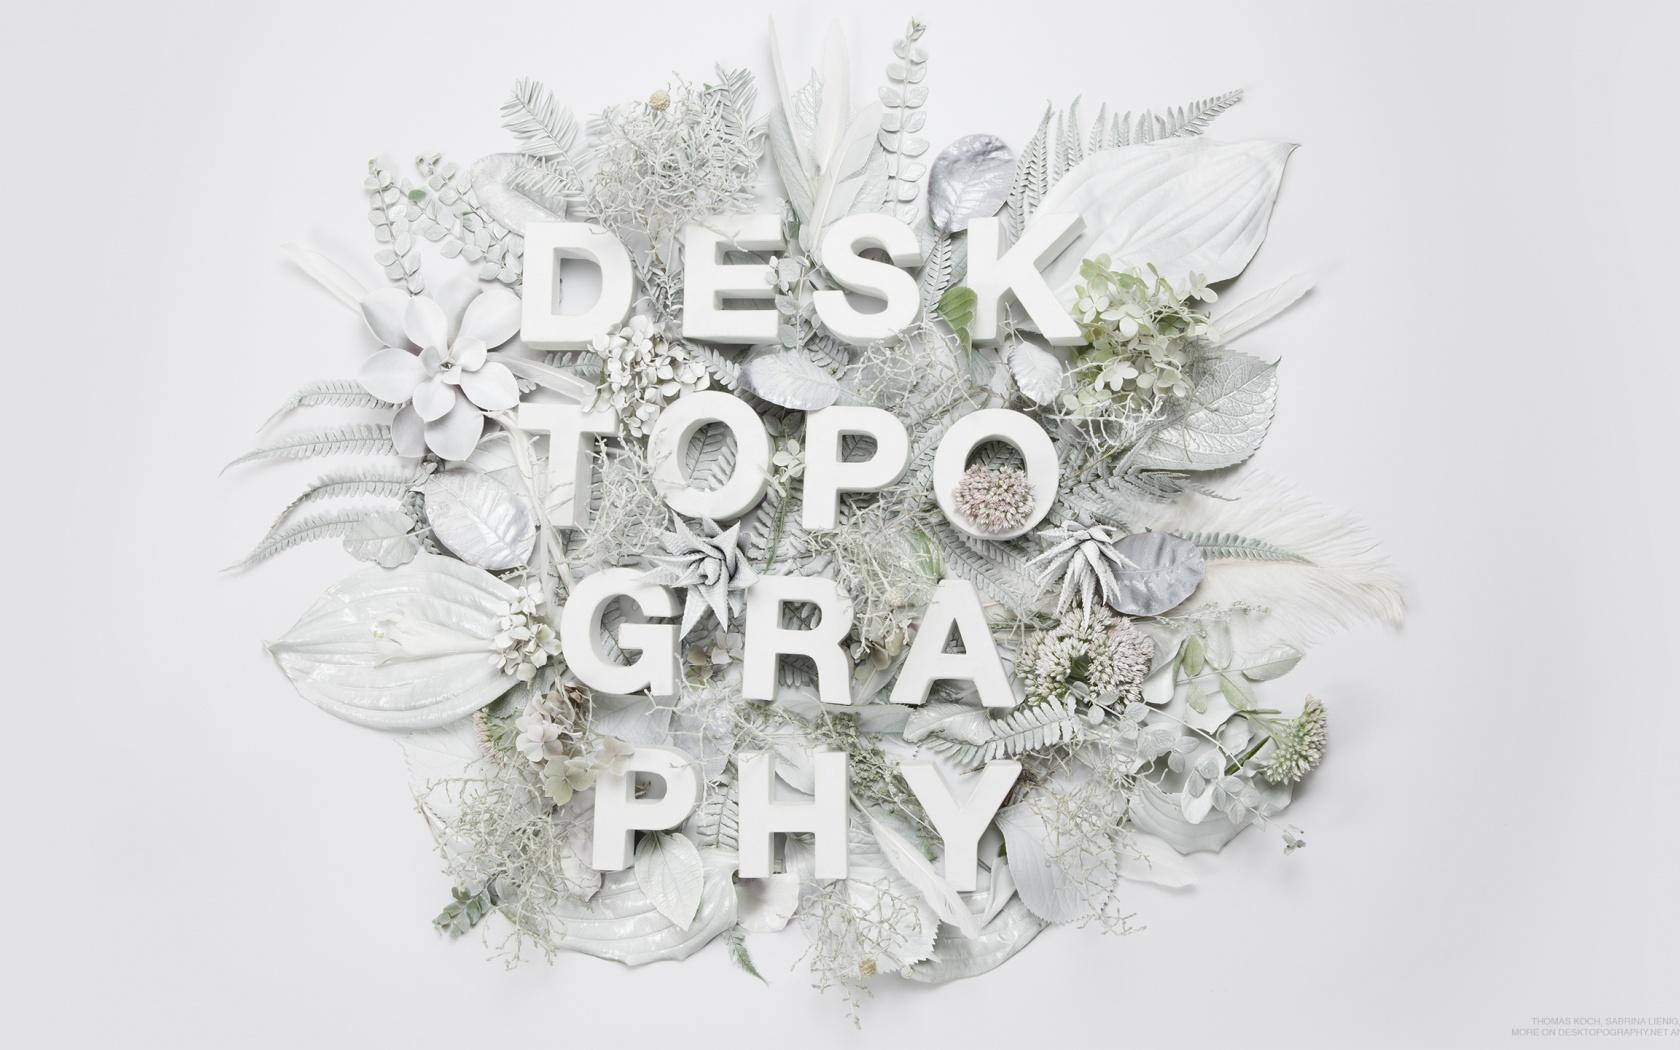 Desktopography 2015 : renouvelez votre fond d'écran !